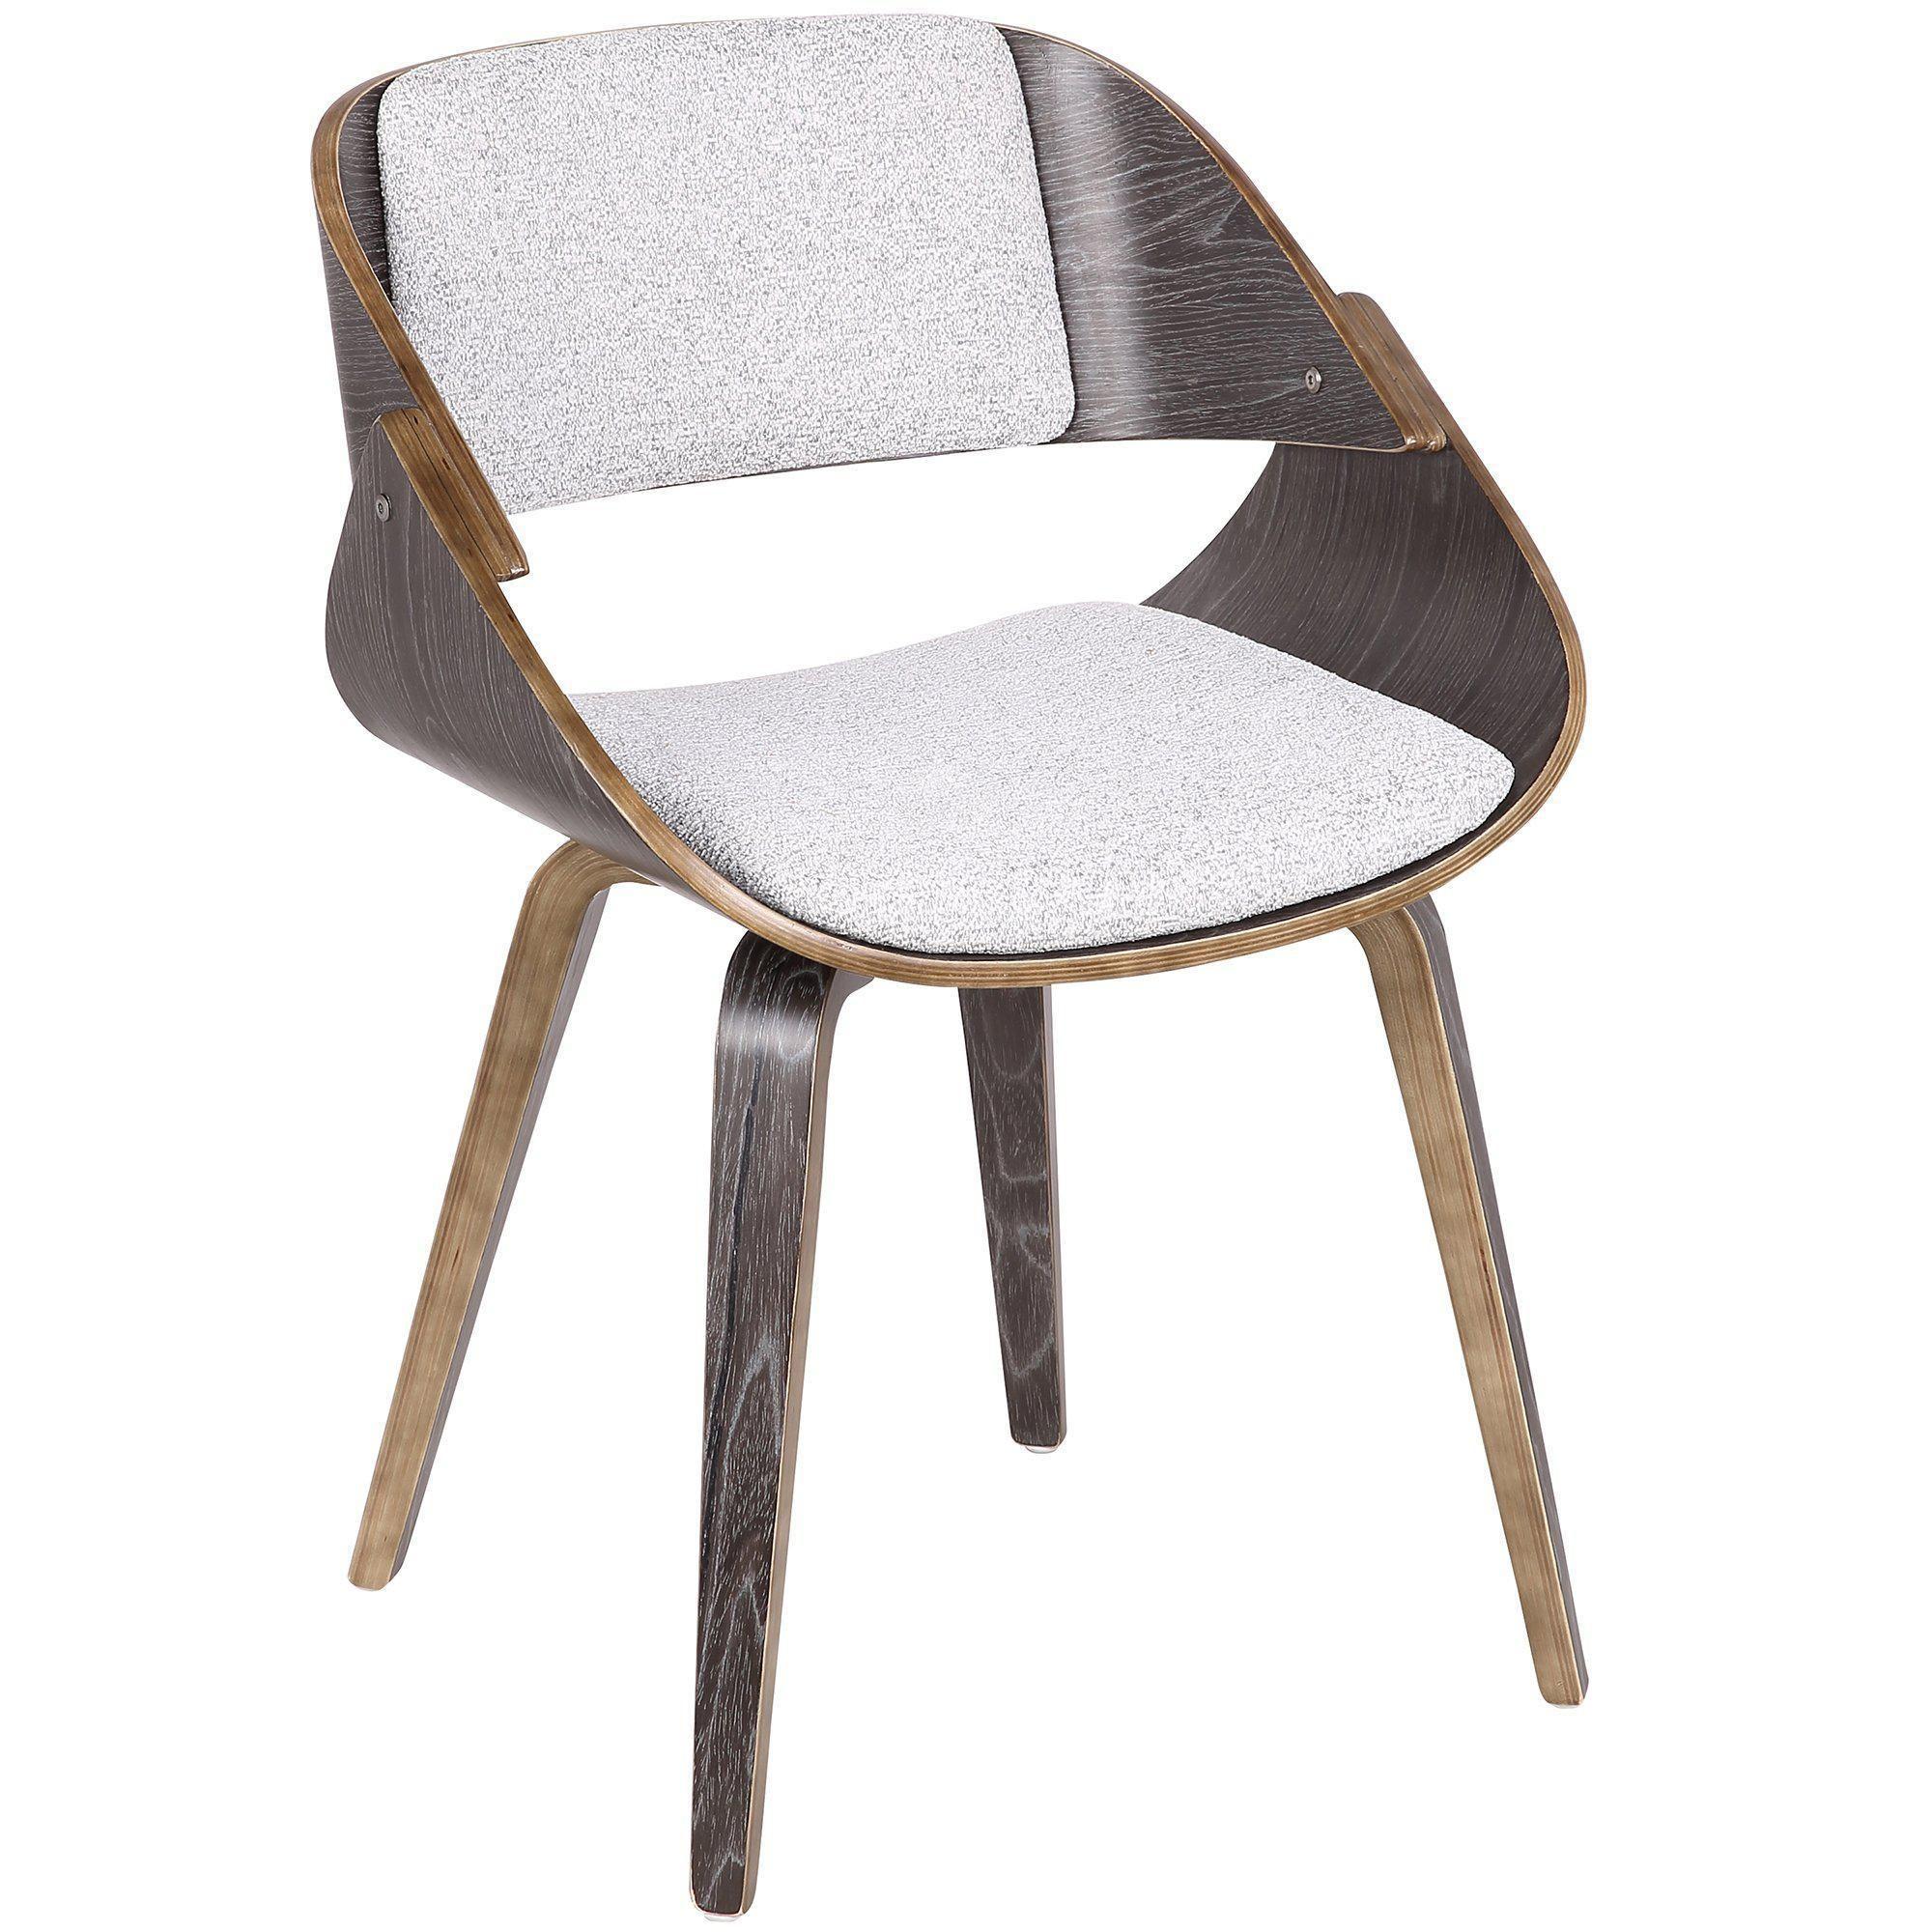 Fortunato Mid Century Modern Diningaccent Chair In Dark Grey Wood